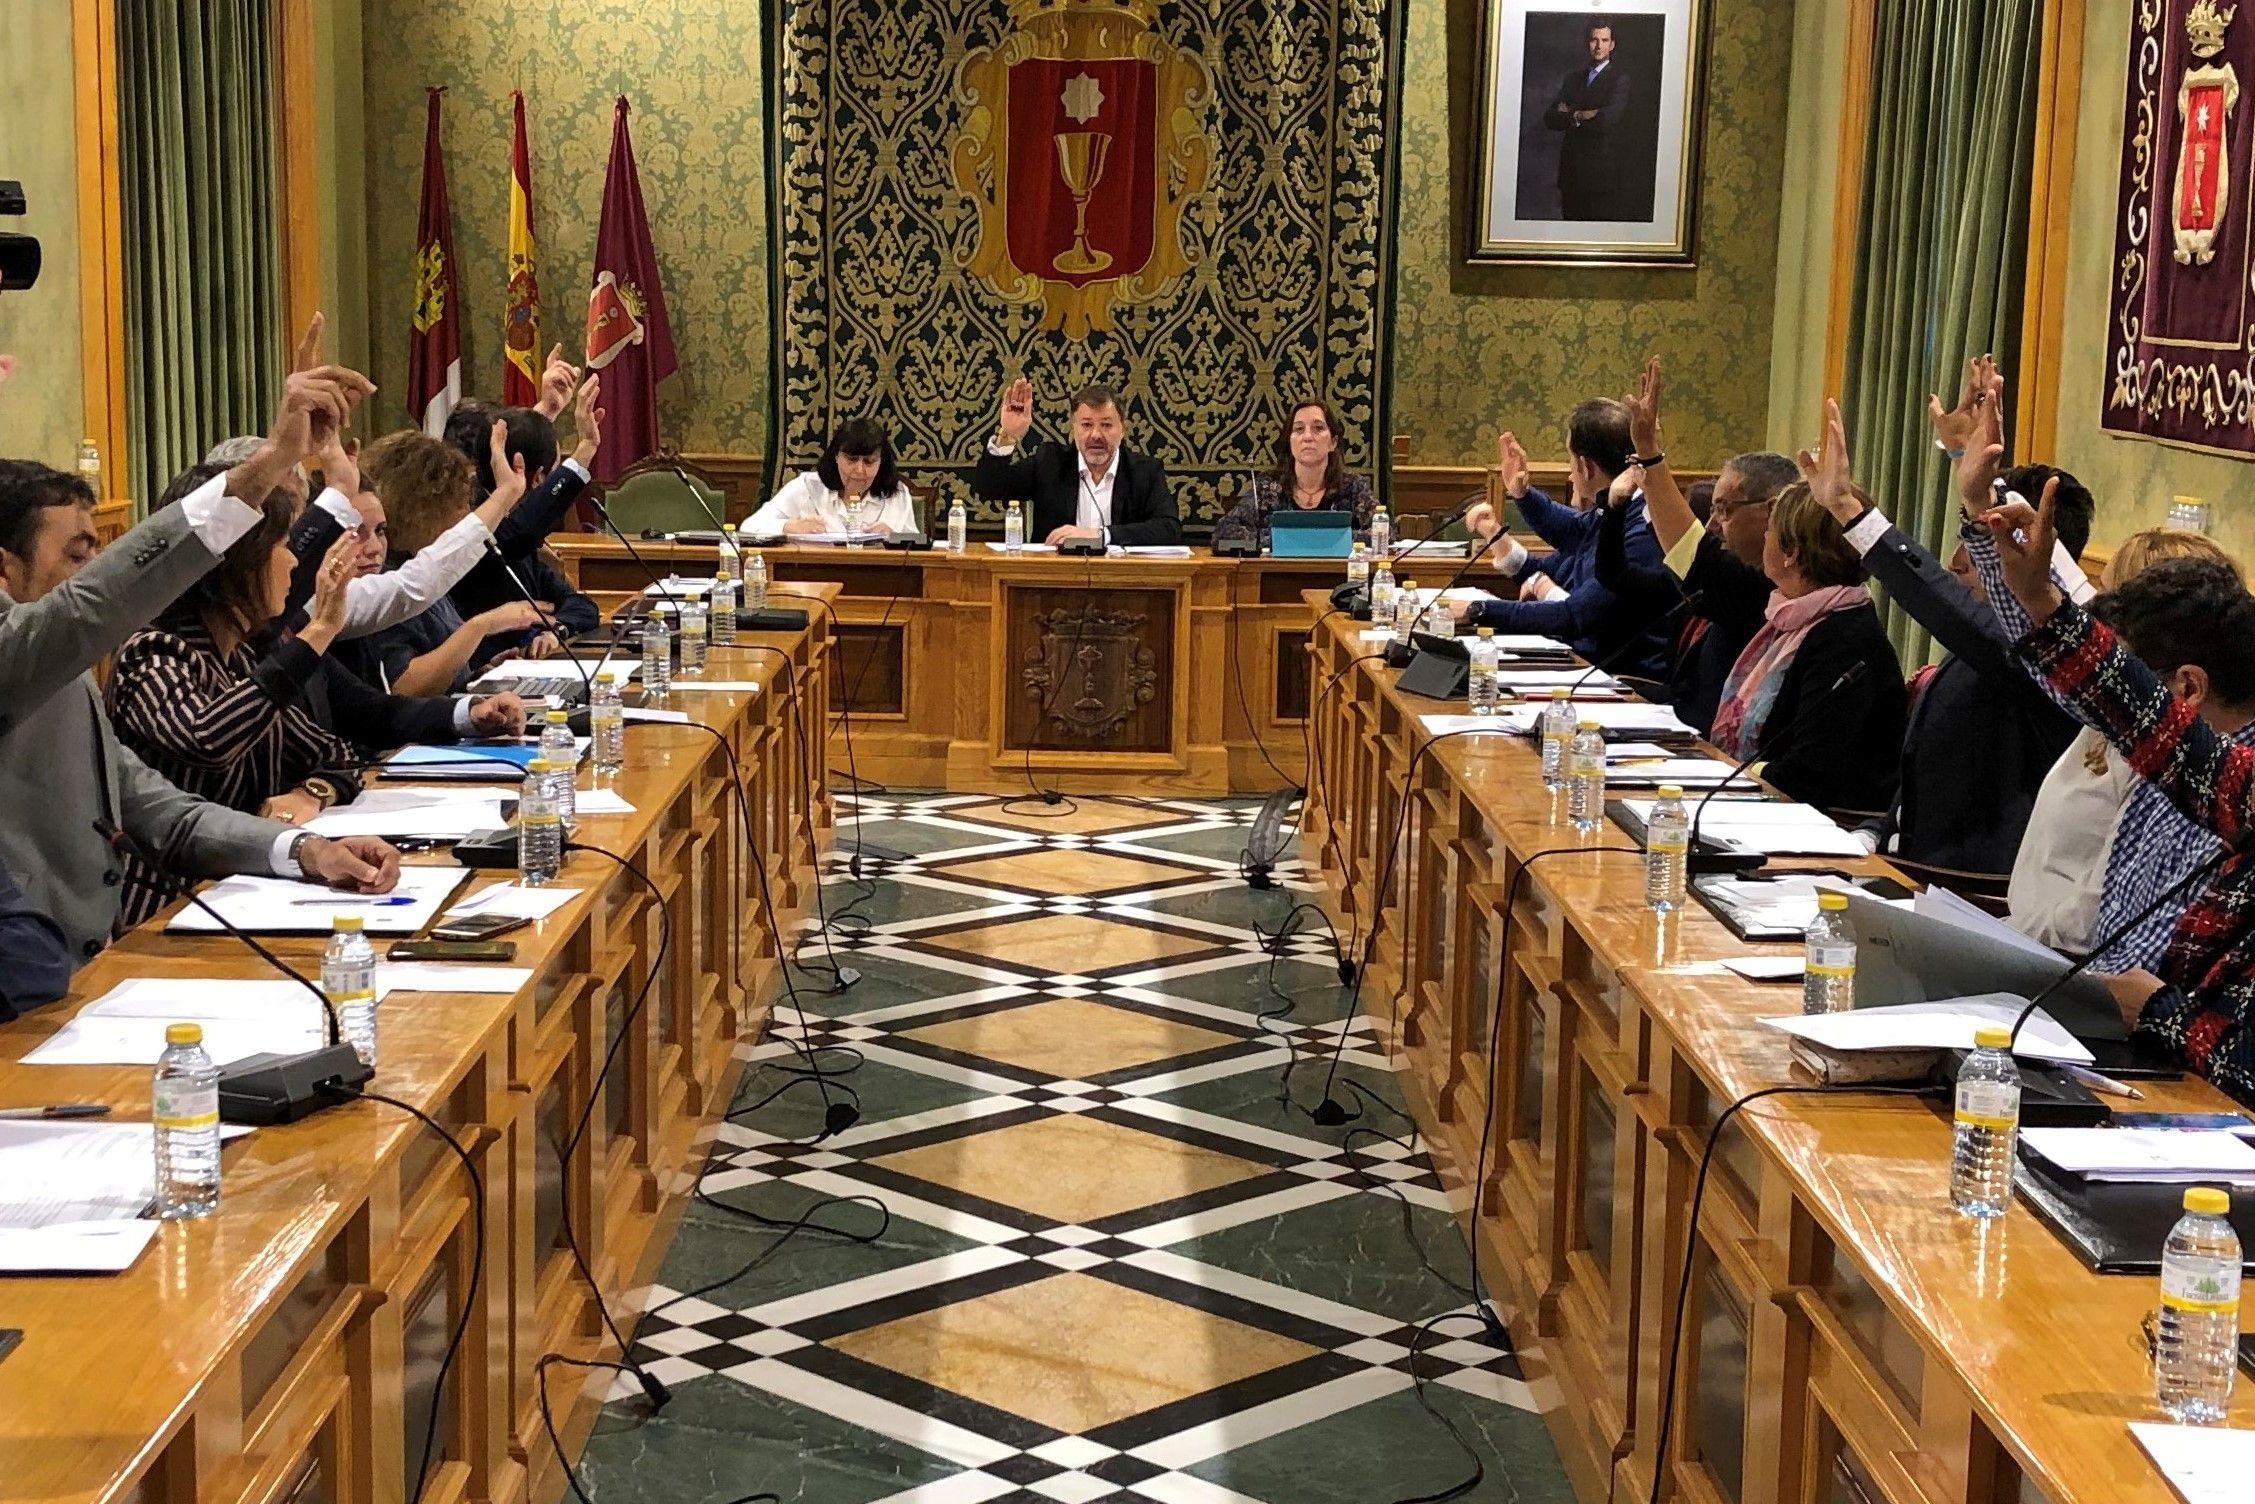 El Ayuntamiento de Cuenca contratará a 60 trabajadores a través del Plan de Empleo del Gobierno regional